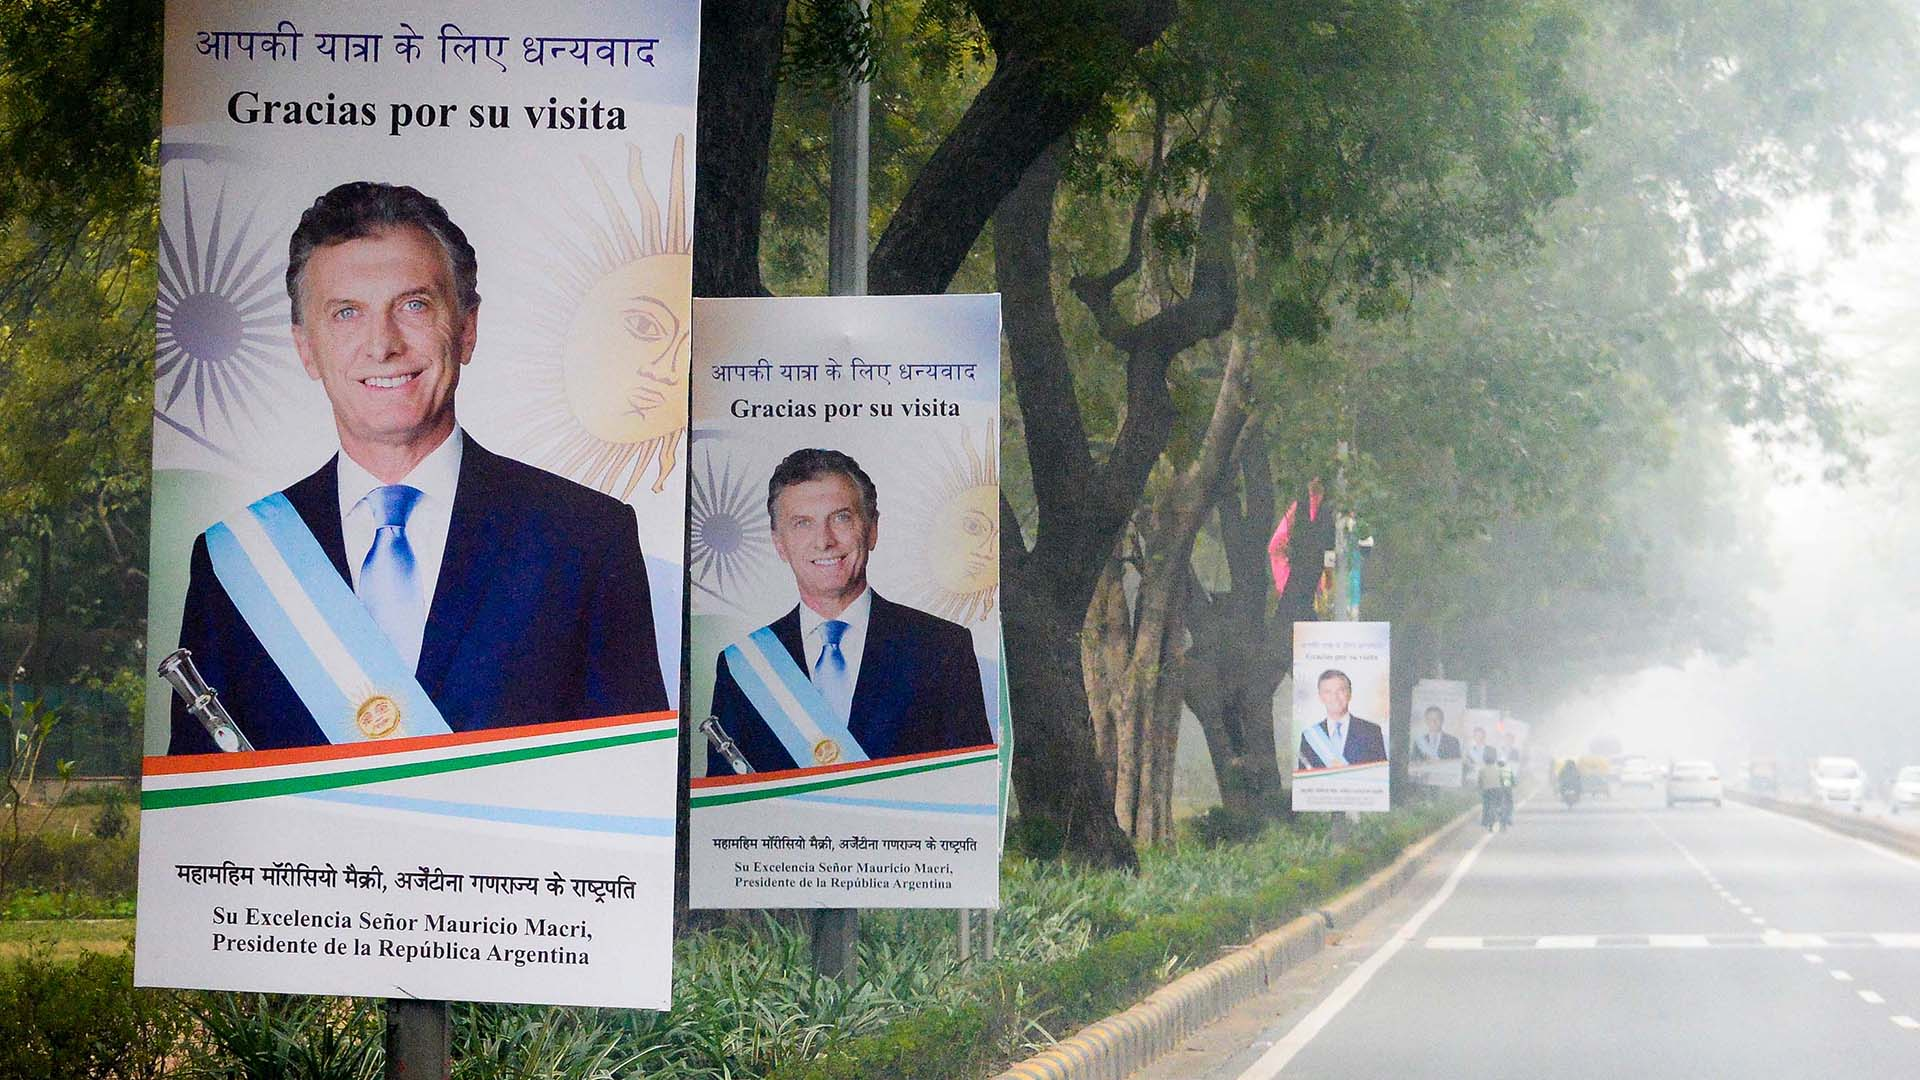 El gobierno local colocó carteles en el camino de la comitiva argentina para agradecer la visita del jefe de Estado